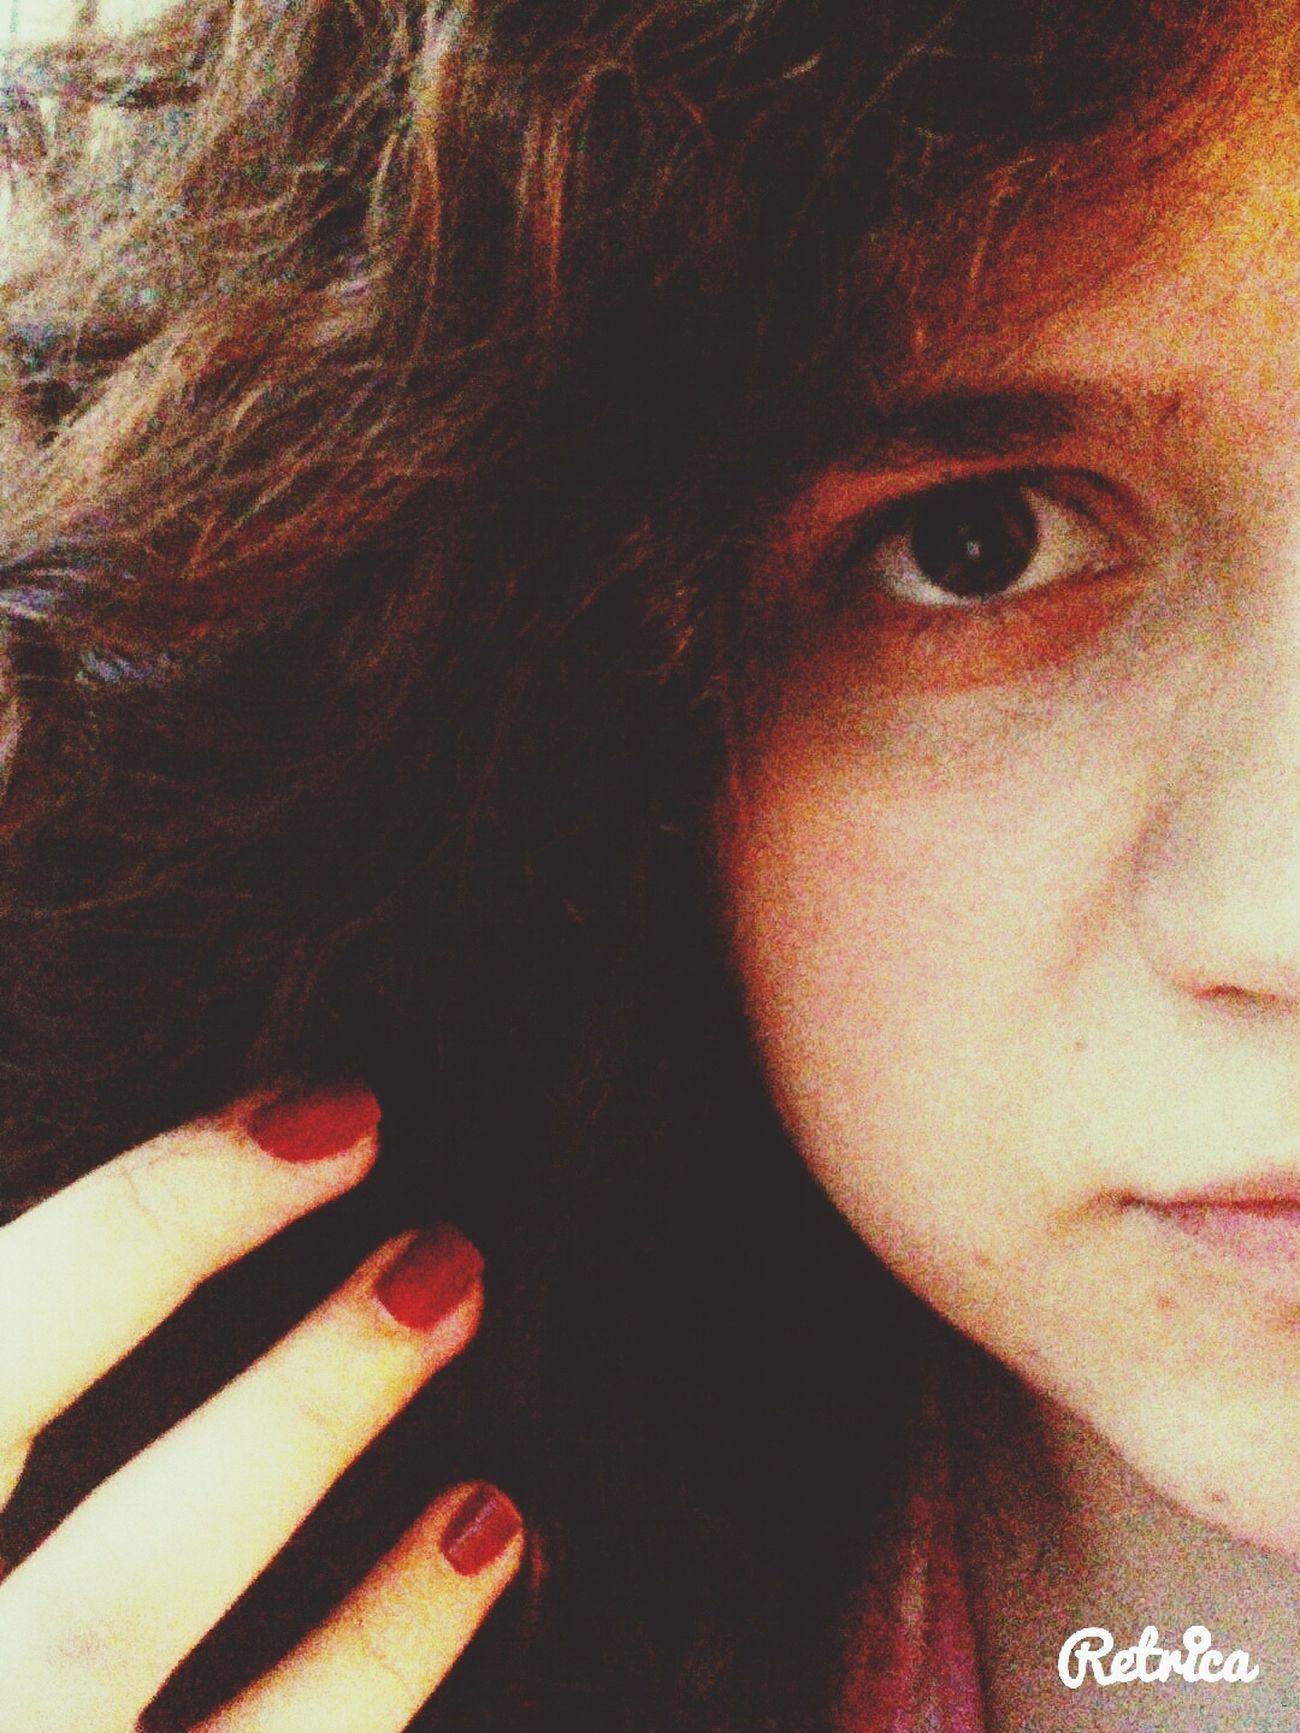 ... FaceShot Haircolor Hairstyle